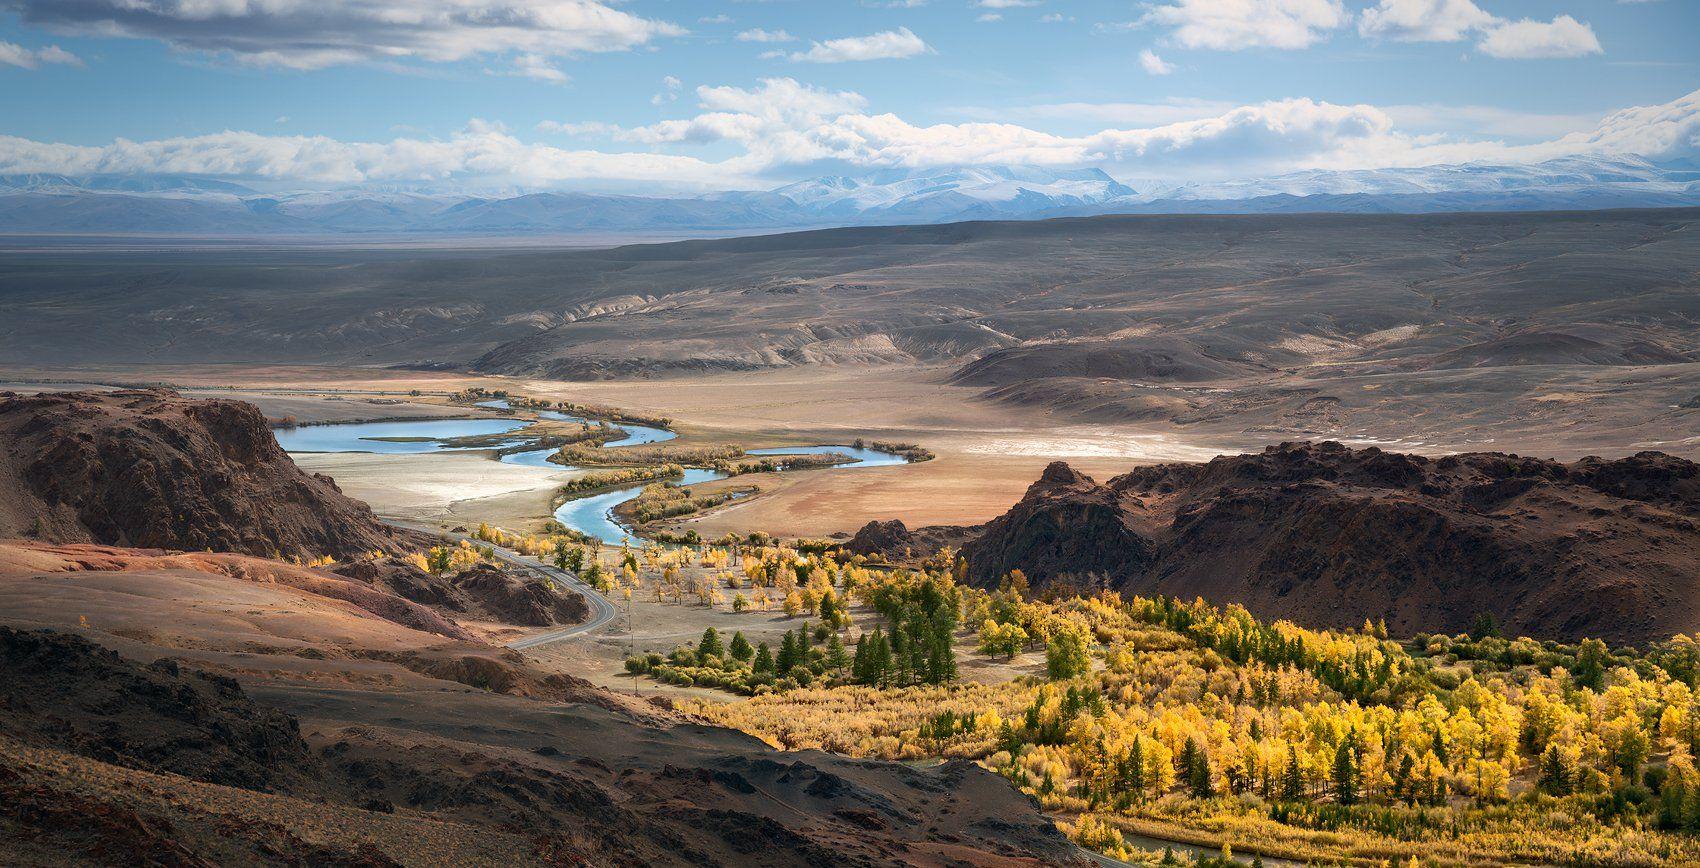 пейзаж, природа, панорама, горы, красная, желтая, золотая, осень, Алтай, Сибирь, холмы, Южно-Чуйский, хребет, река, Чуя, степь, долина, лес, широкий, большой, высокий, Дмитрий Антипов